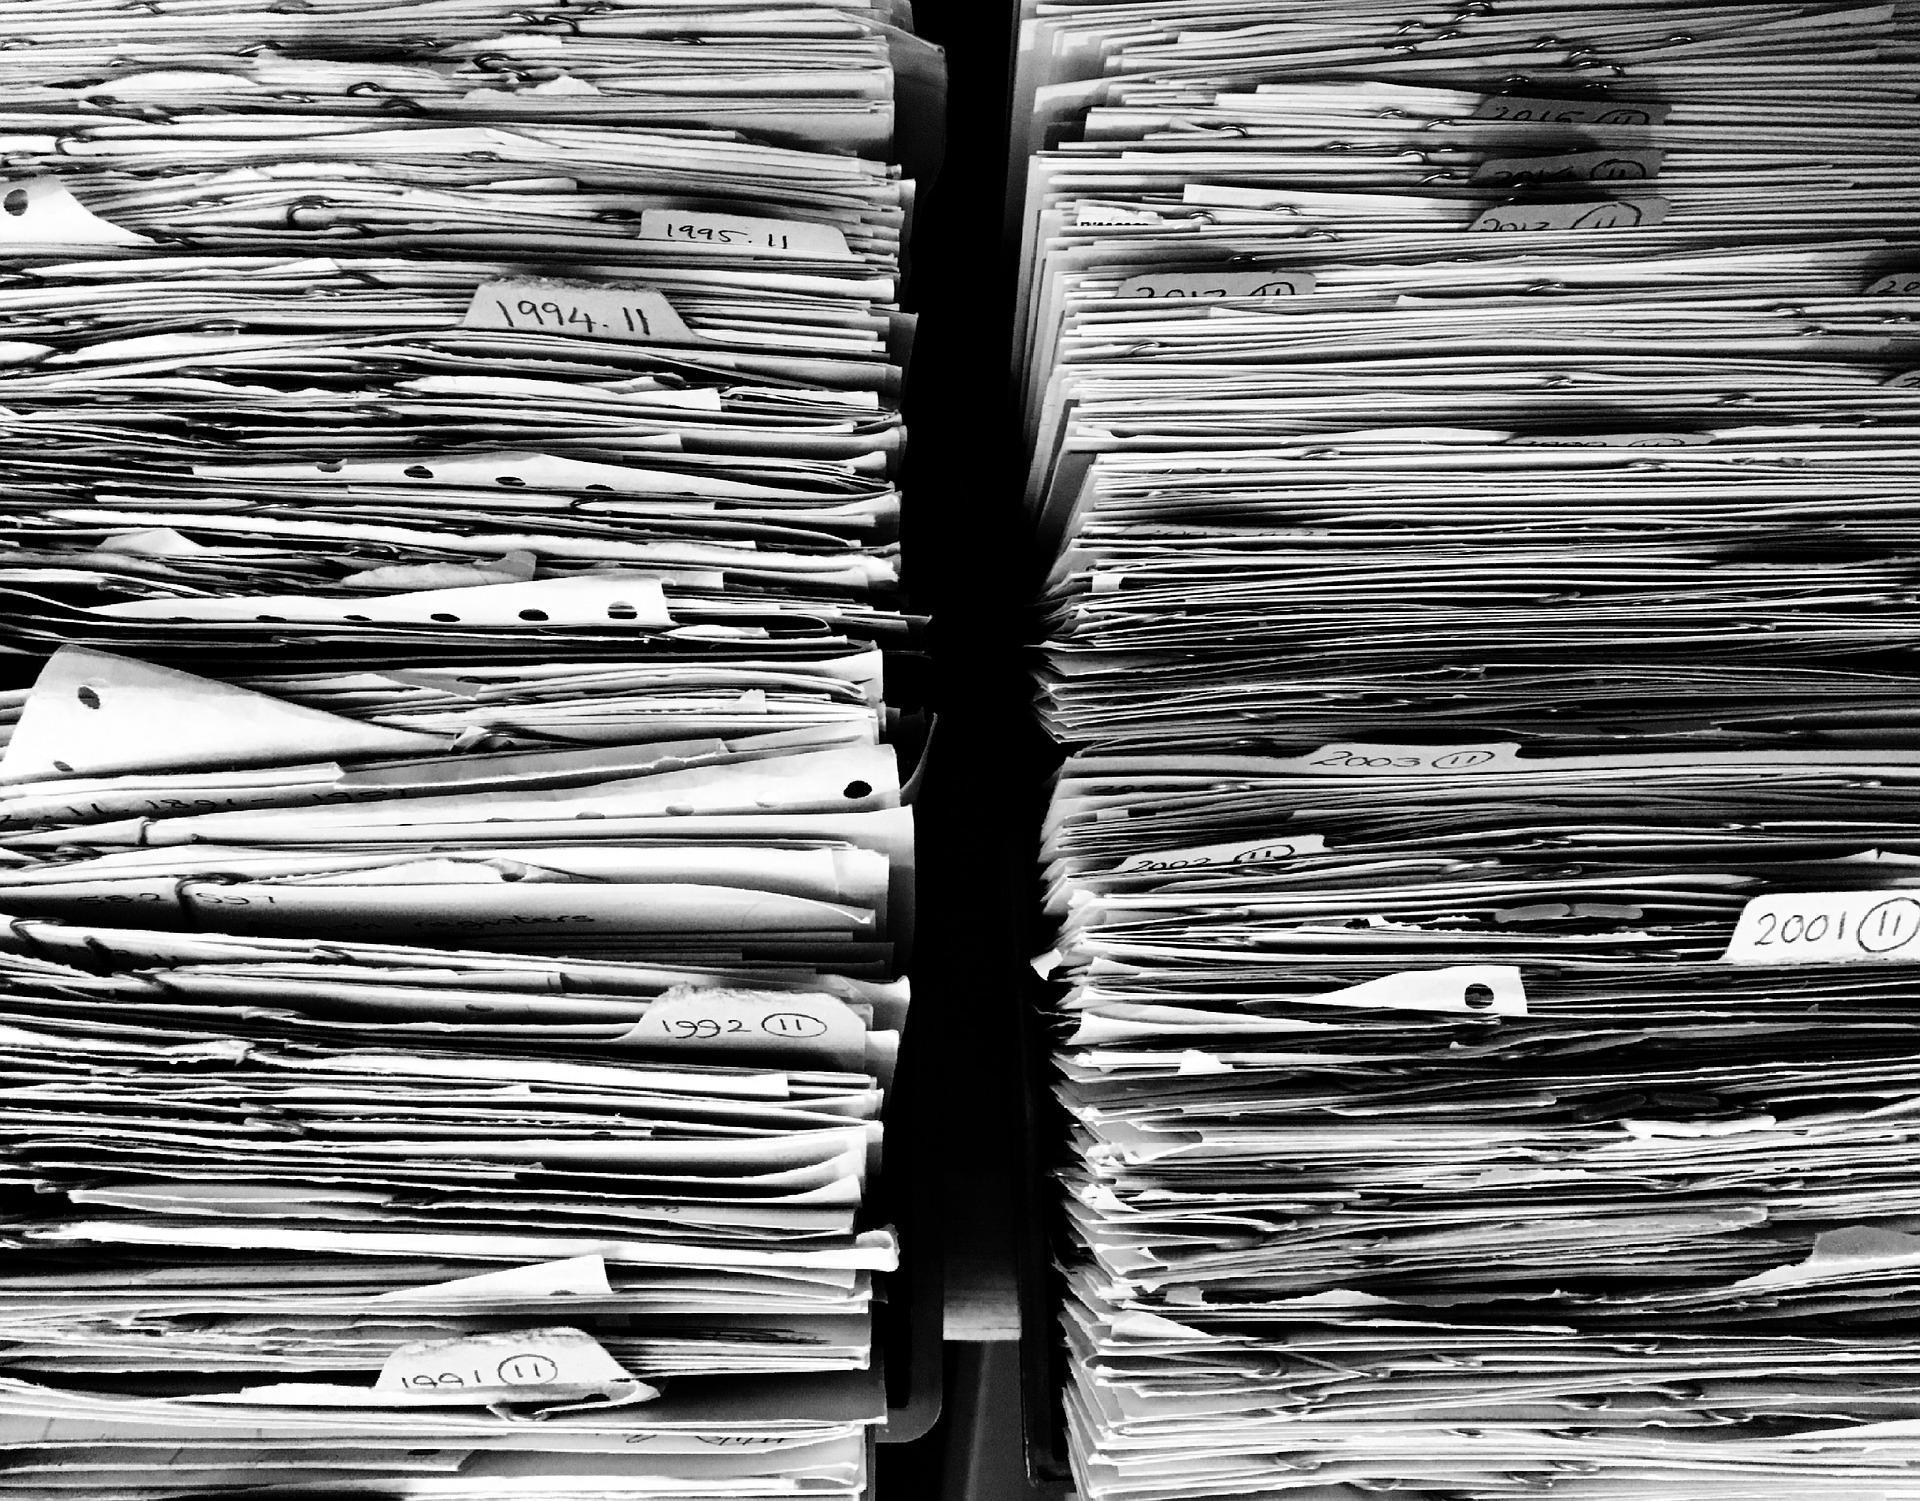 Beirat einer GmbH – der Fall Media-Saturn